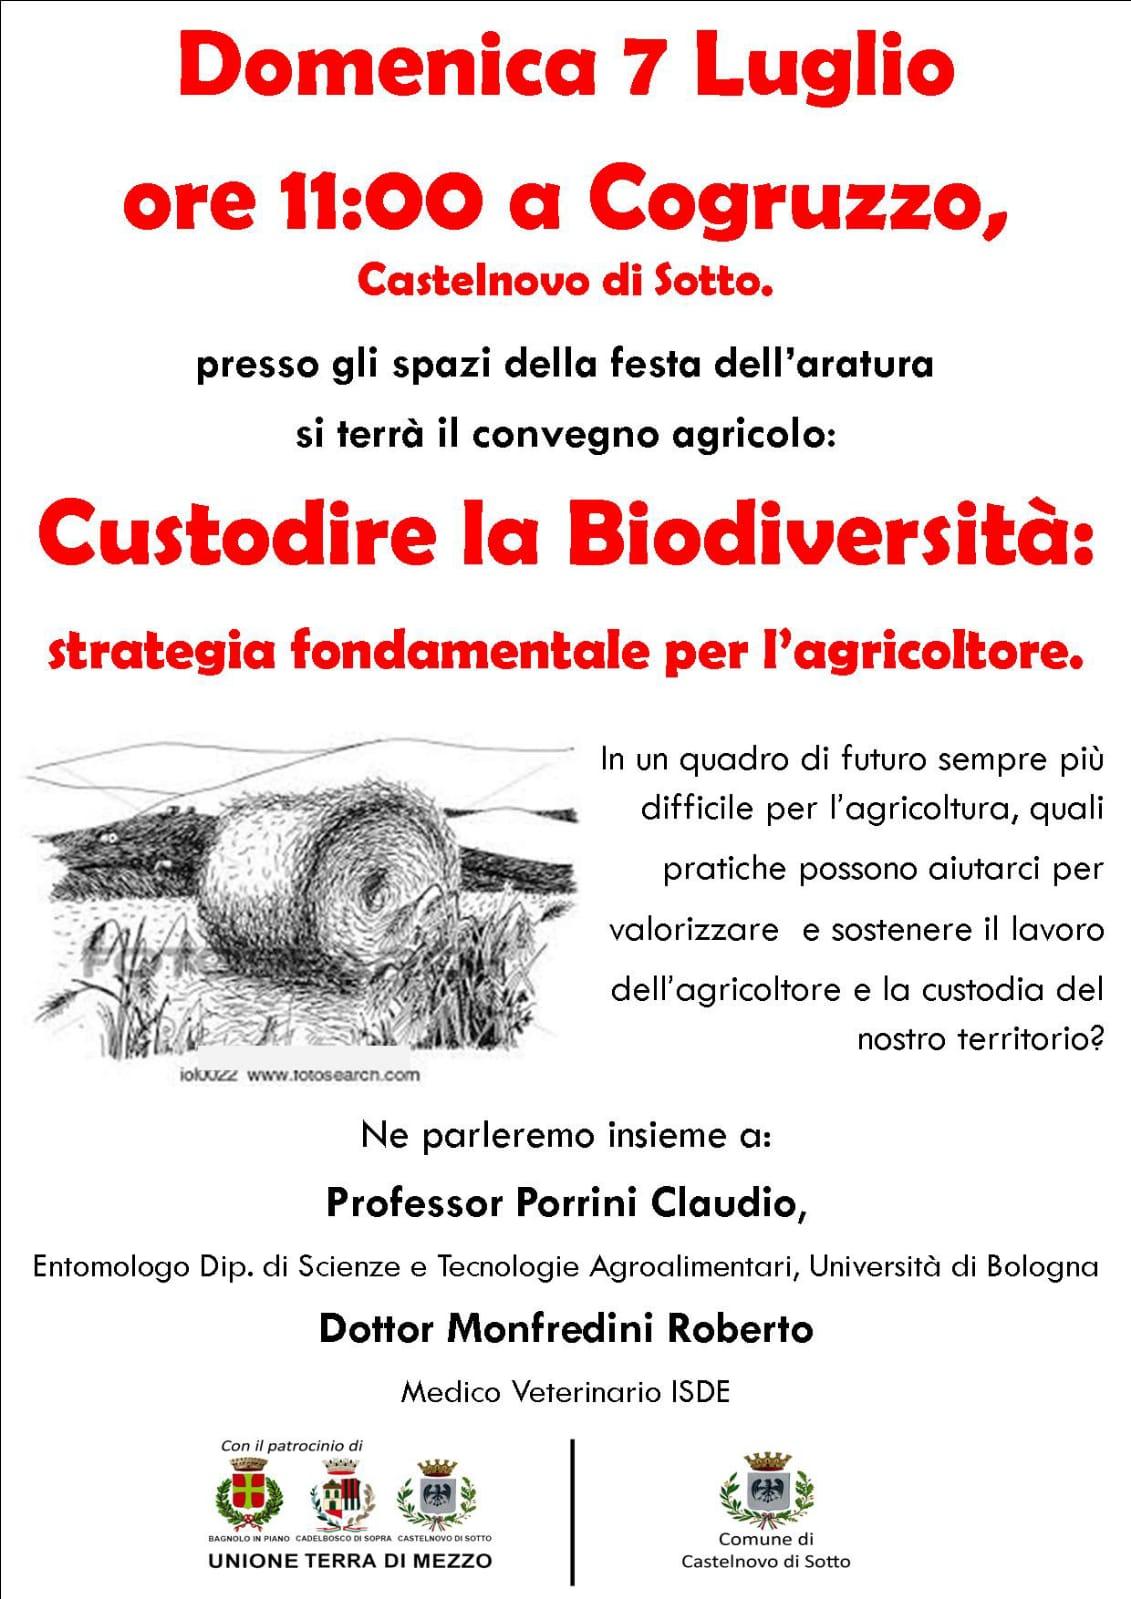 Castelnovo Sotto Domenica 7 luglio